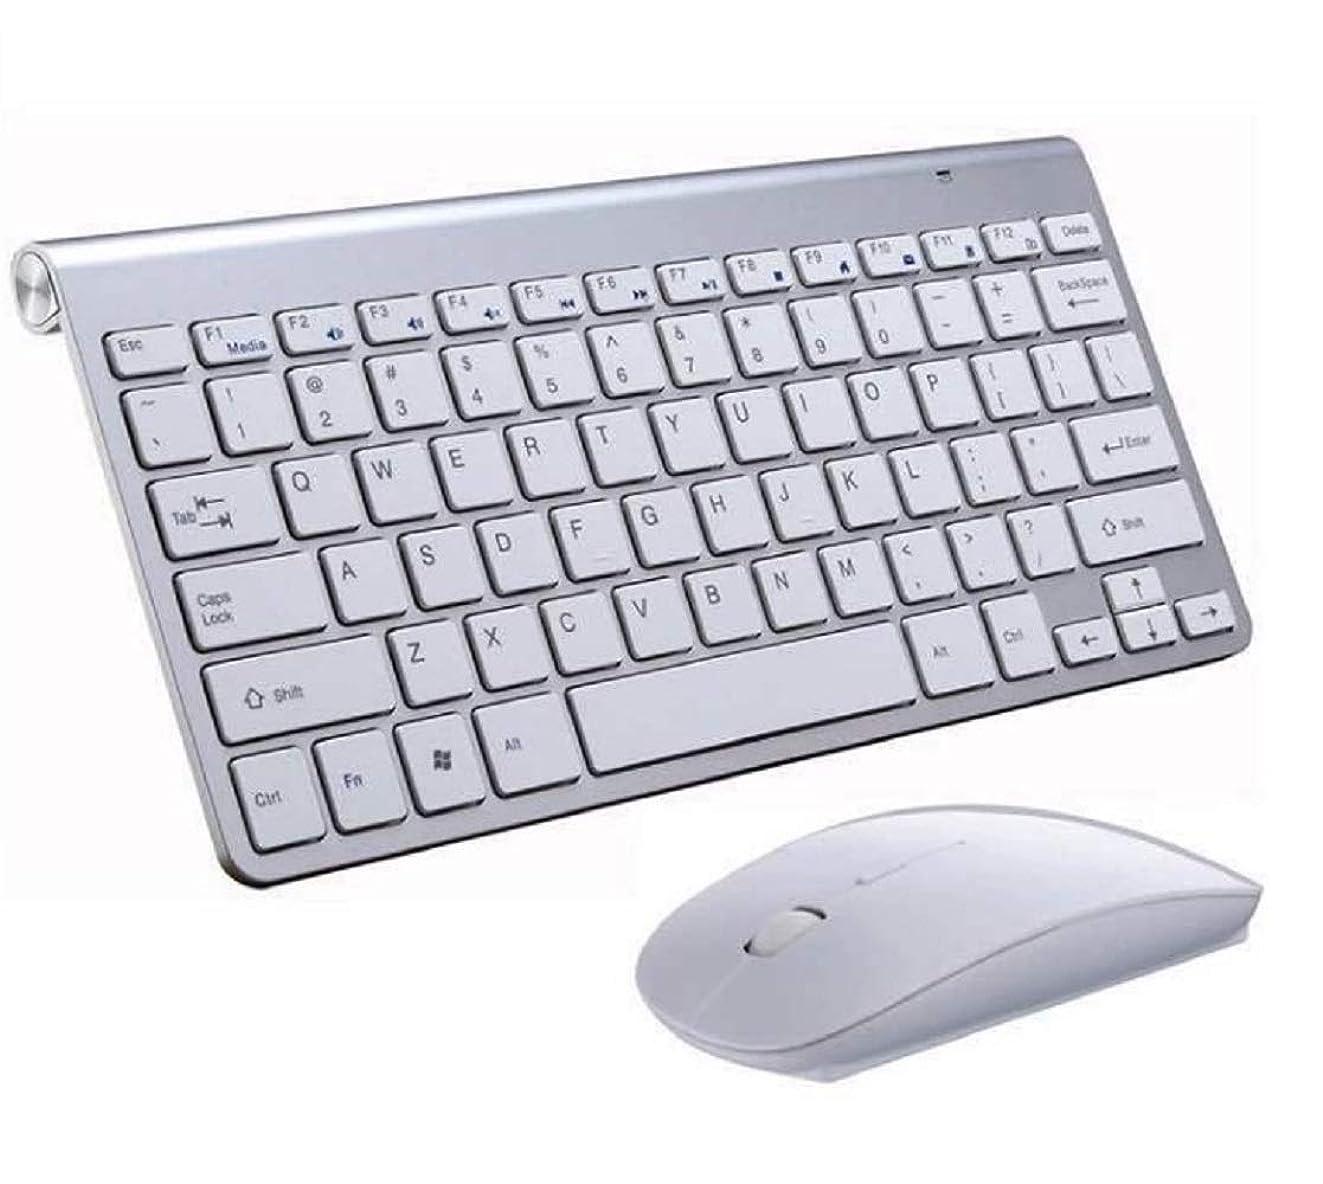 火山学者着替えるやさしくリタプロショップ? USB 薄型 無線 英語キーボード&マウスセット 美デザイン シンプル コンパクト (ホワイト)